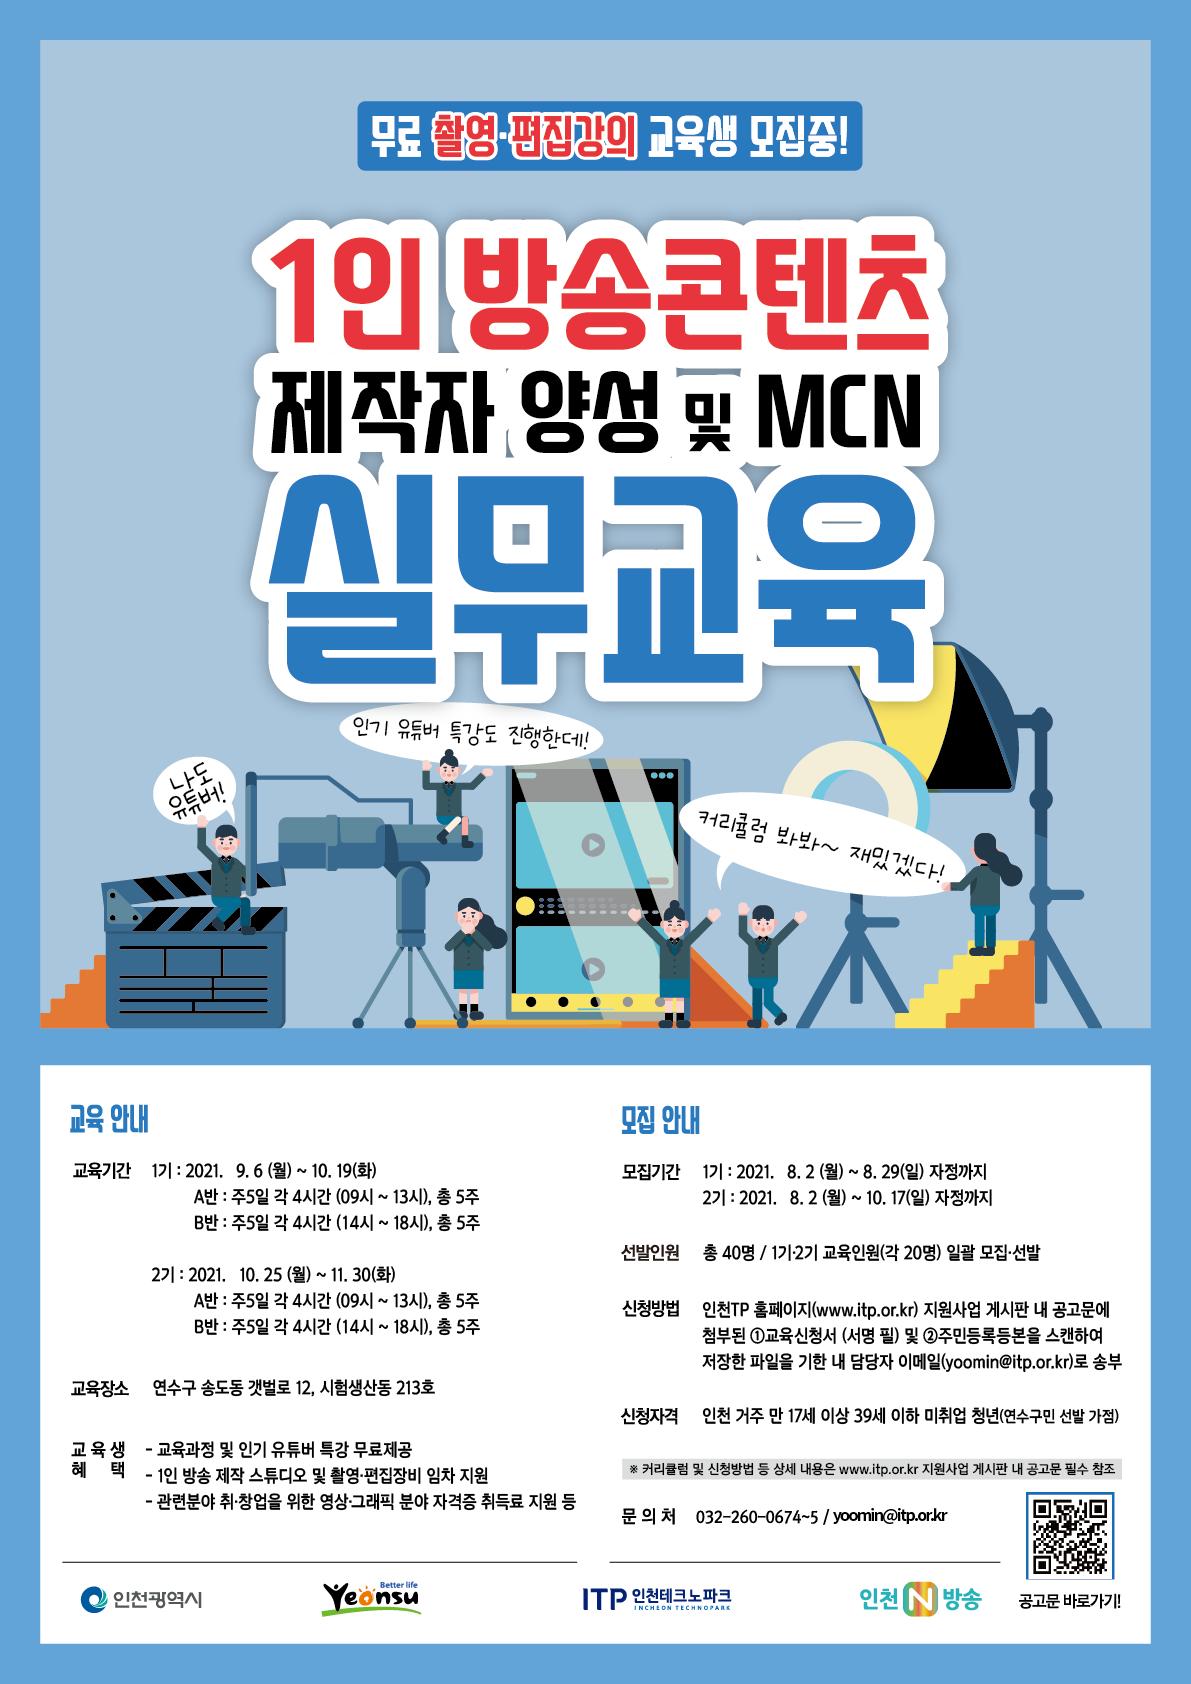 20211012_1인 방송콘텐츠 제작자 양성교육_포스터1.png